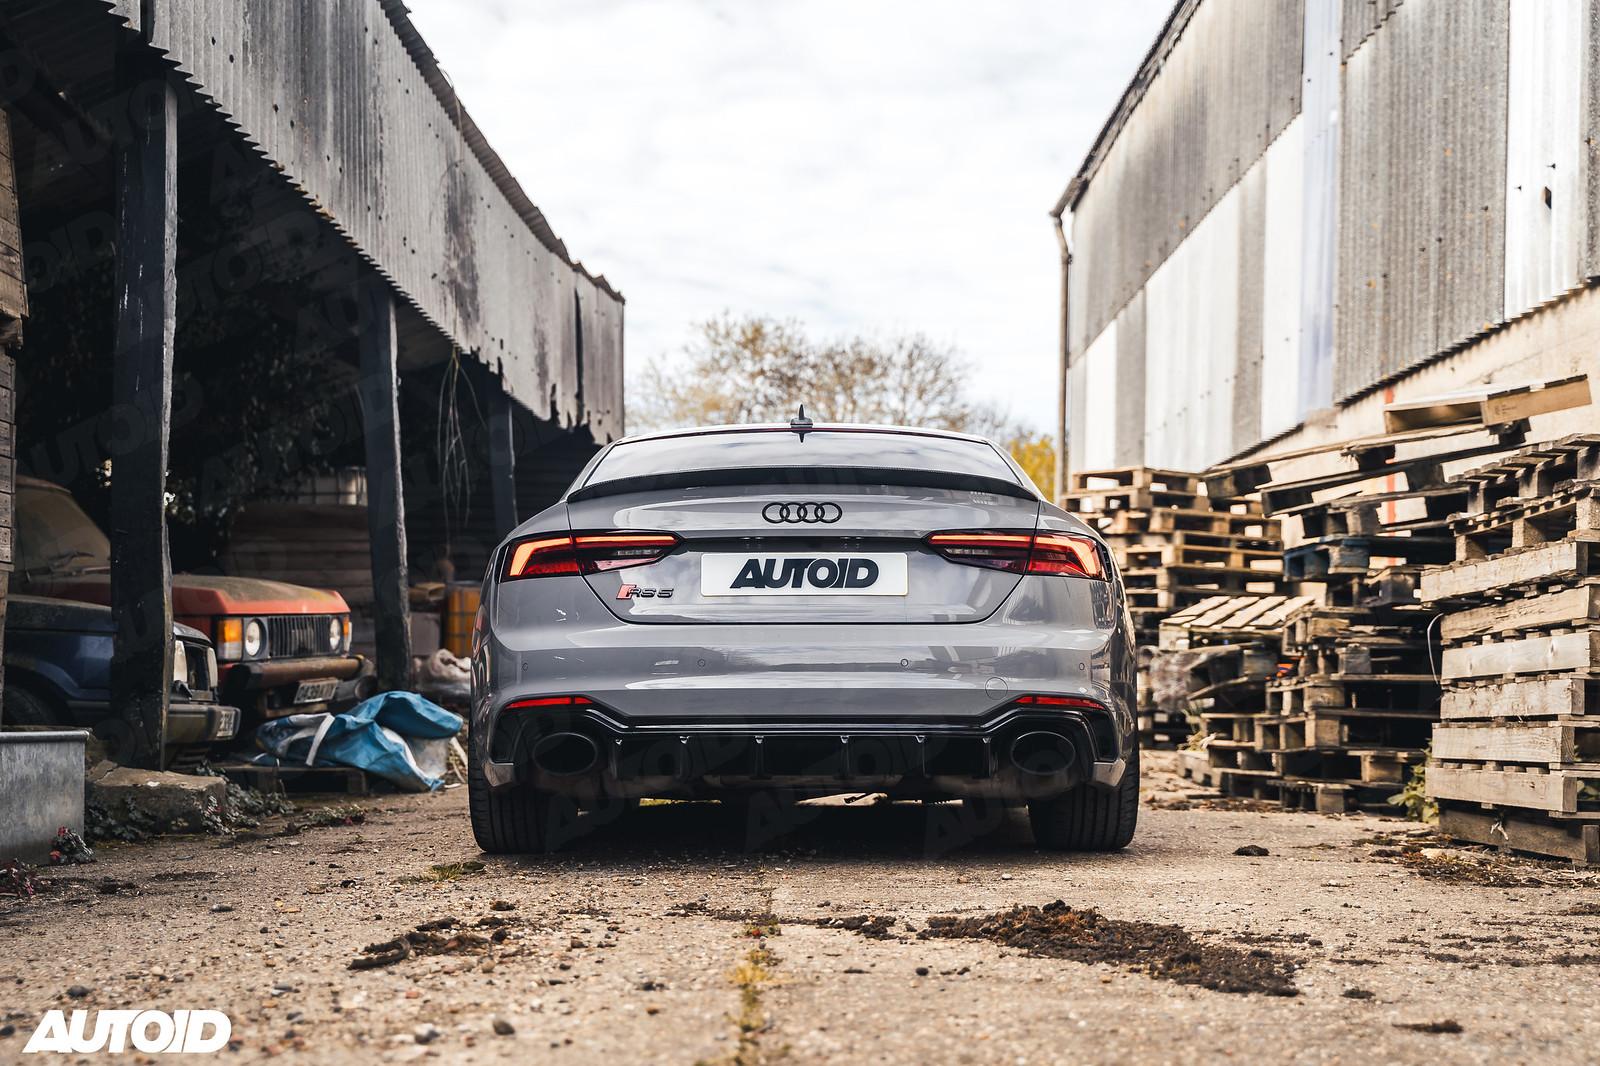 AUTOID Audi RS5 Shoot - Apr '21